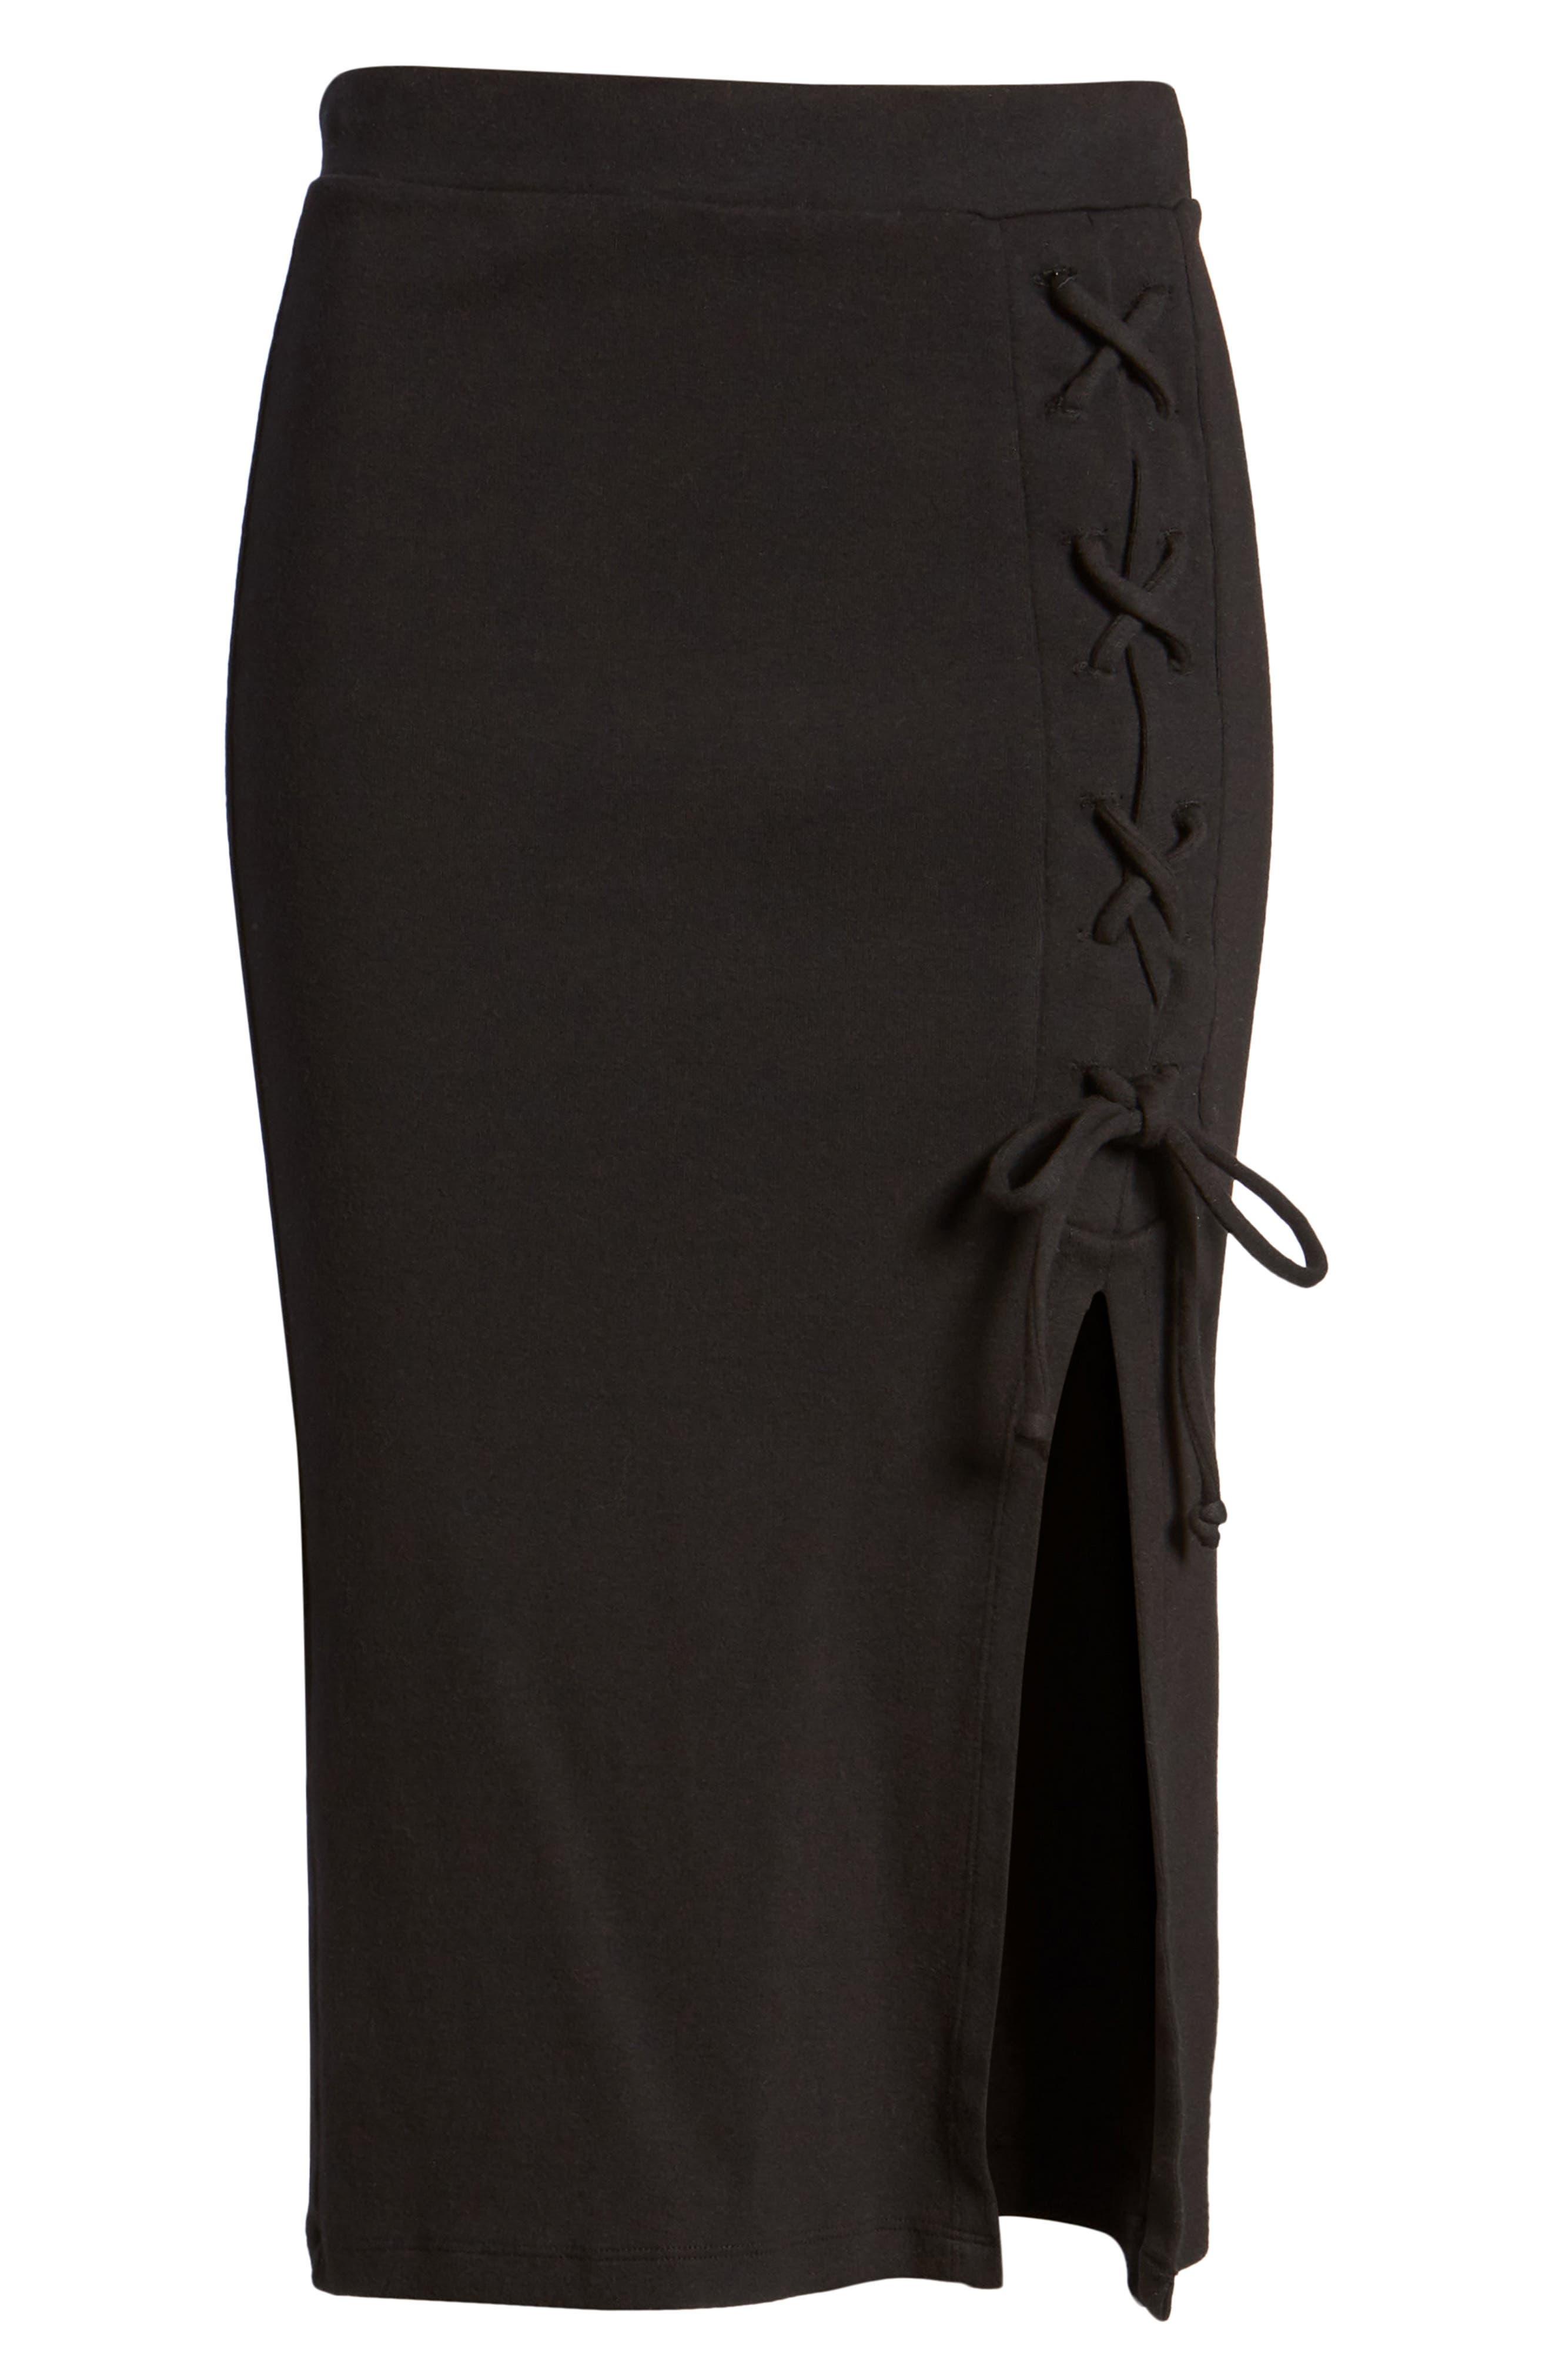 Rib Knit Lace-Up Skirt,                             Alternate thumbnail 6, color,                             Black